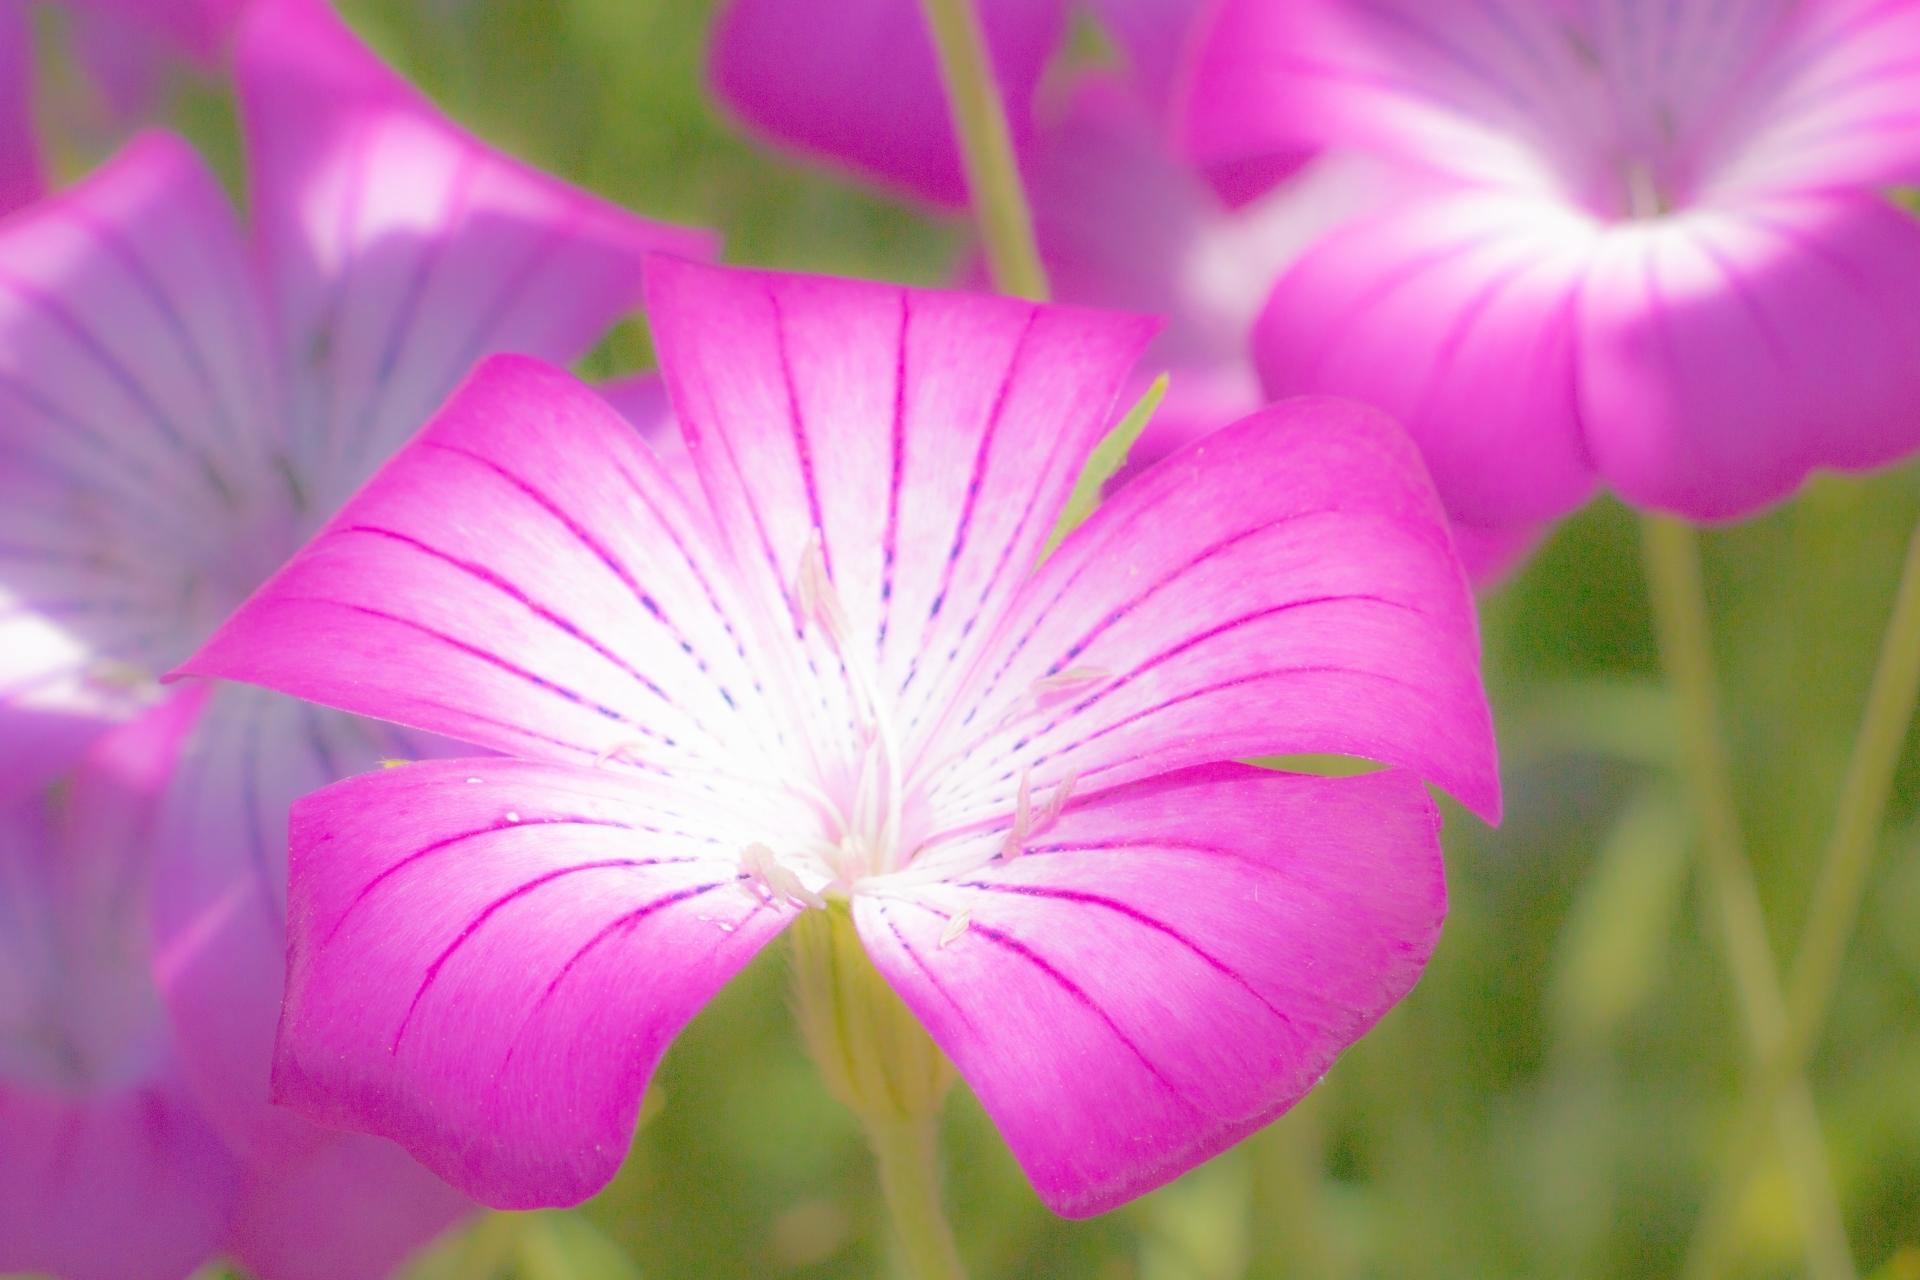 アグロステンマの育て方!花を倒さずに上手に栽培するコツをご紹介!